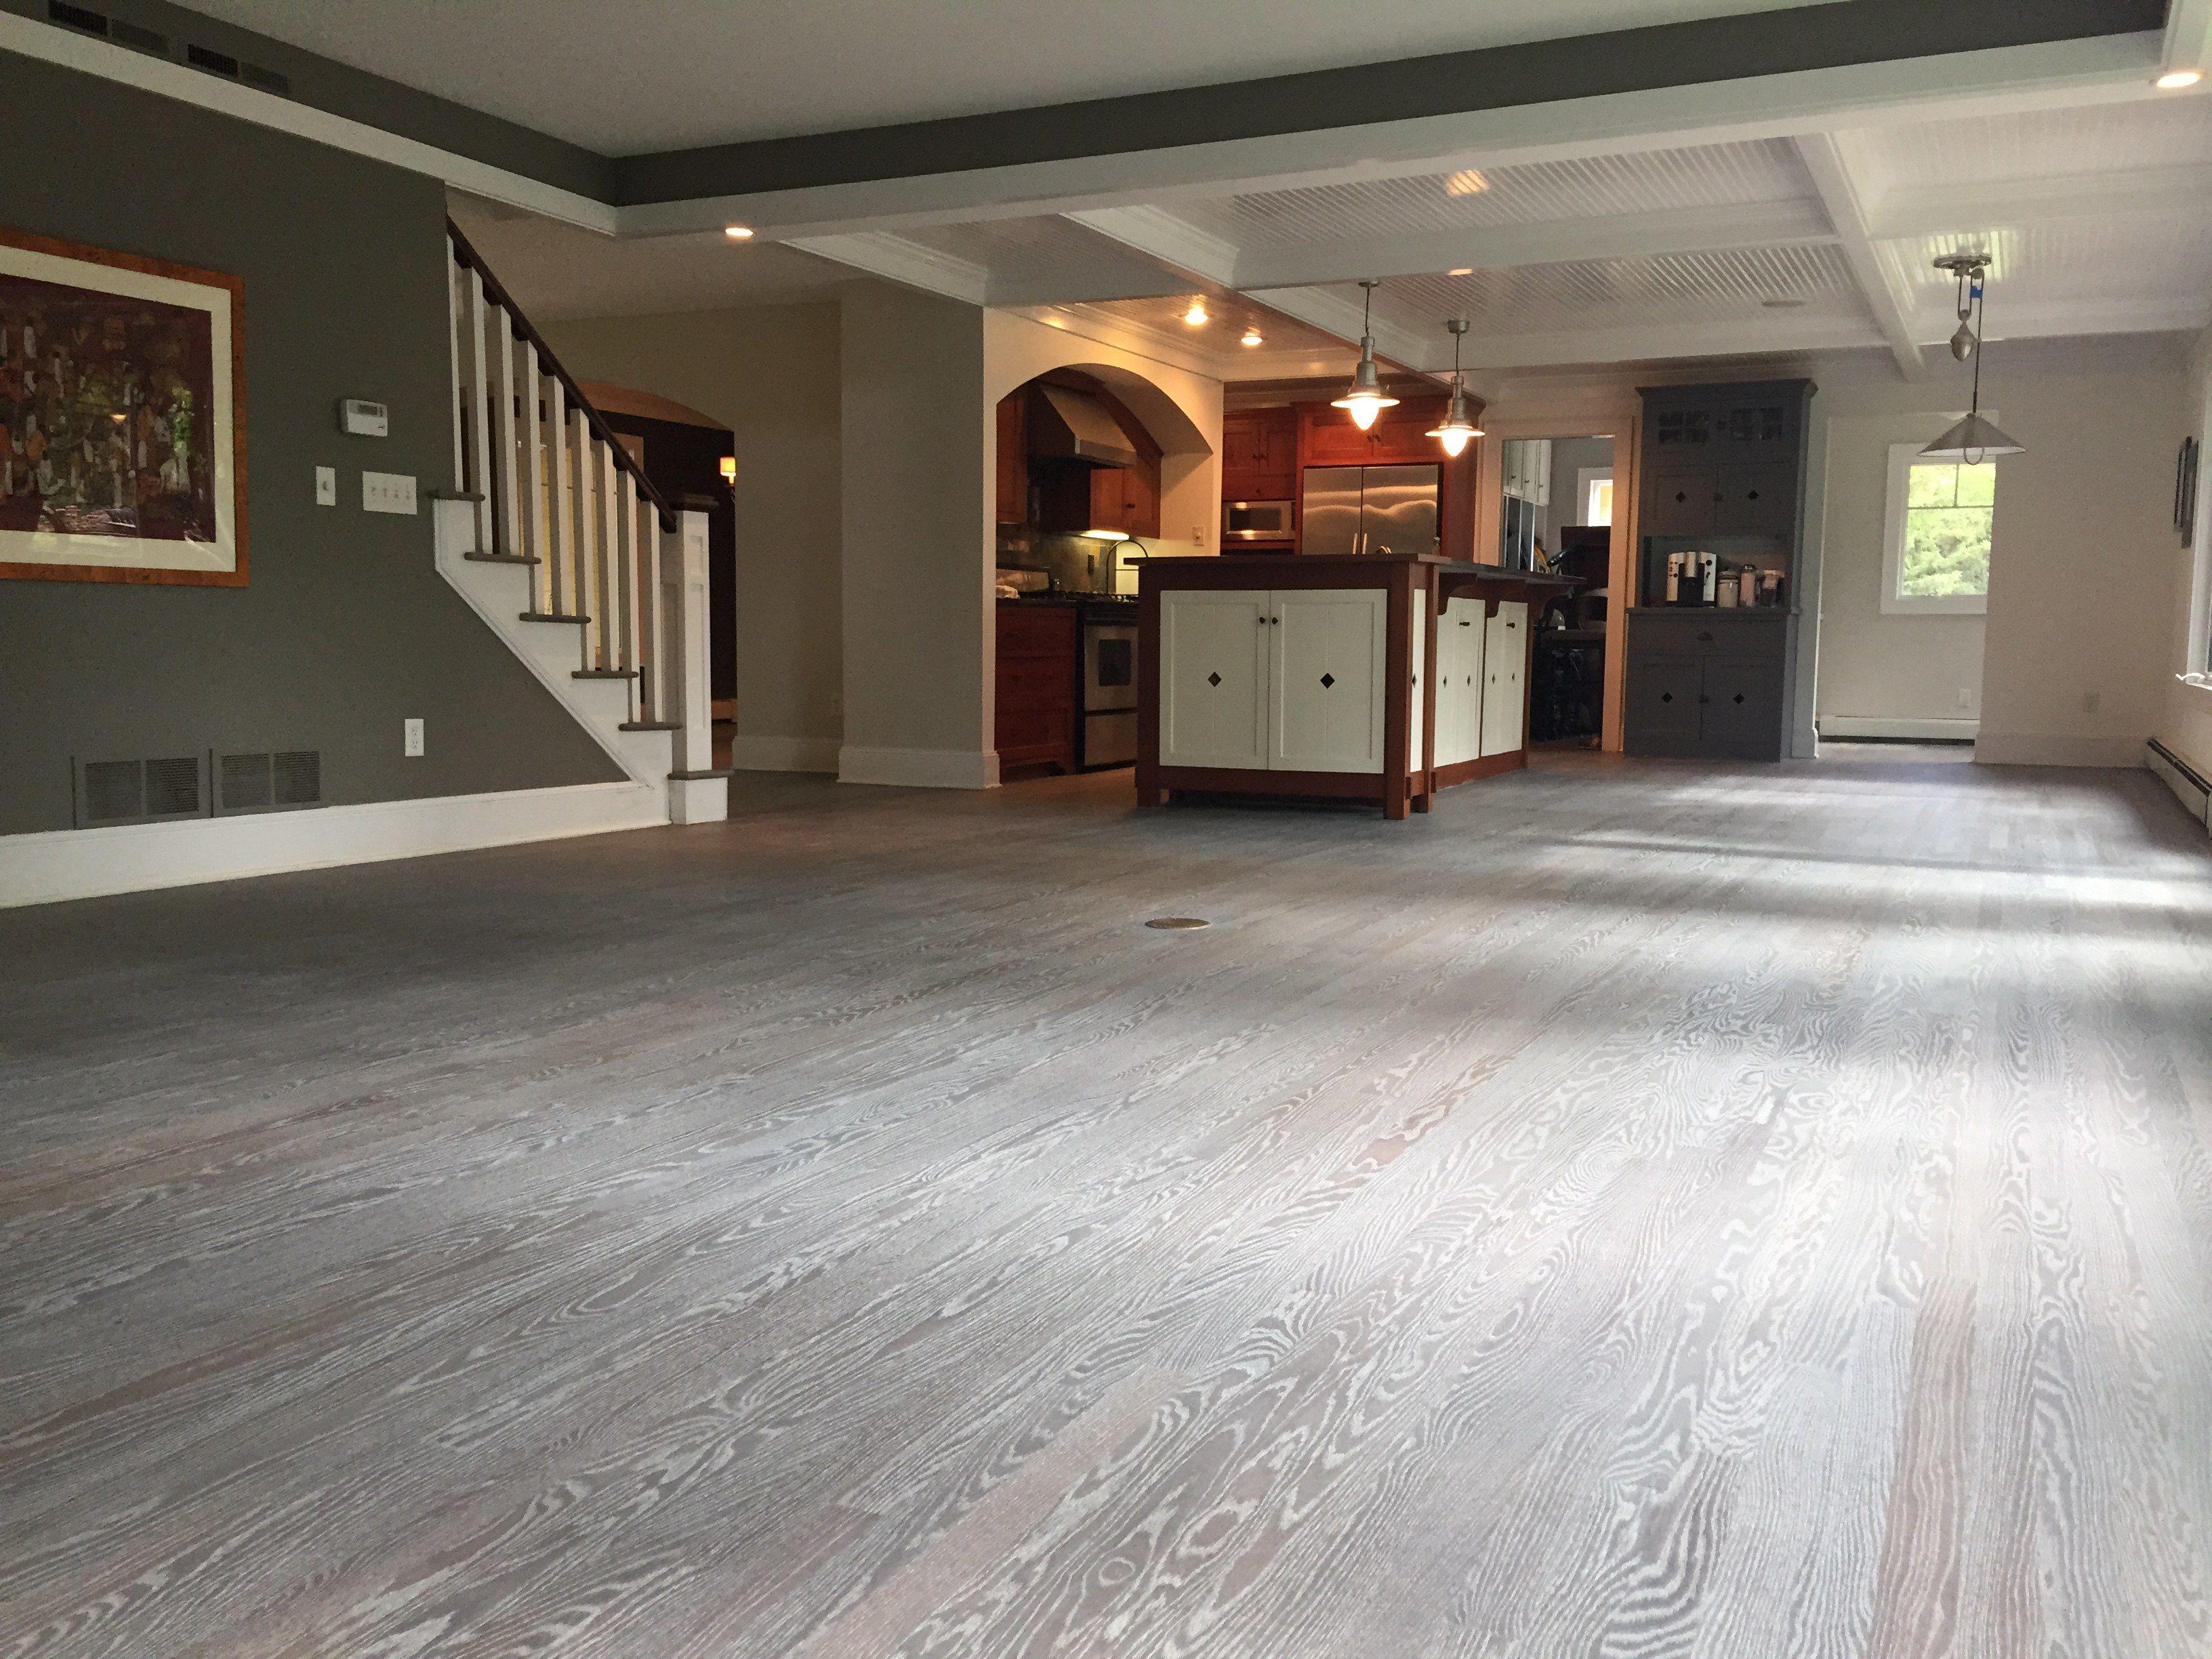 Red Oak Floors Red Oak And Floors On Pinterest Oak Floor Stains Hardwood Floors Wood Floors Wide Plank